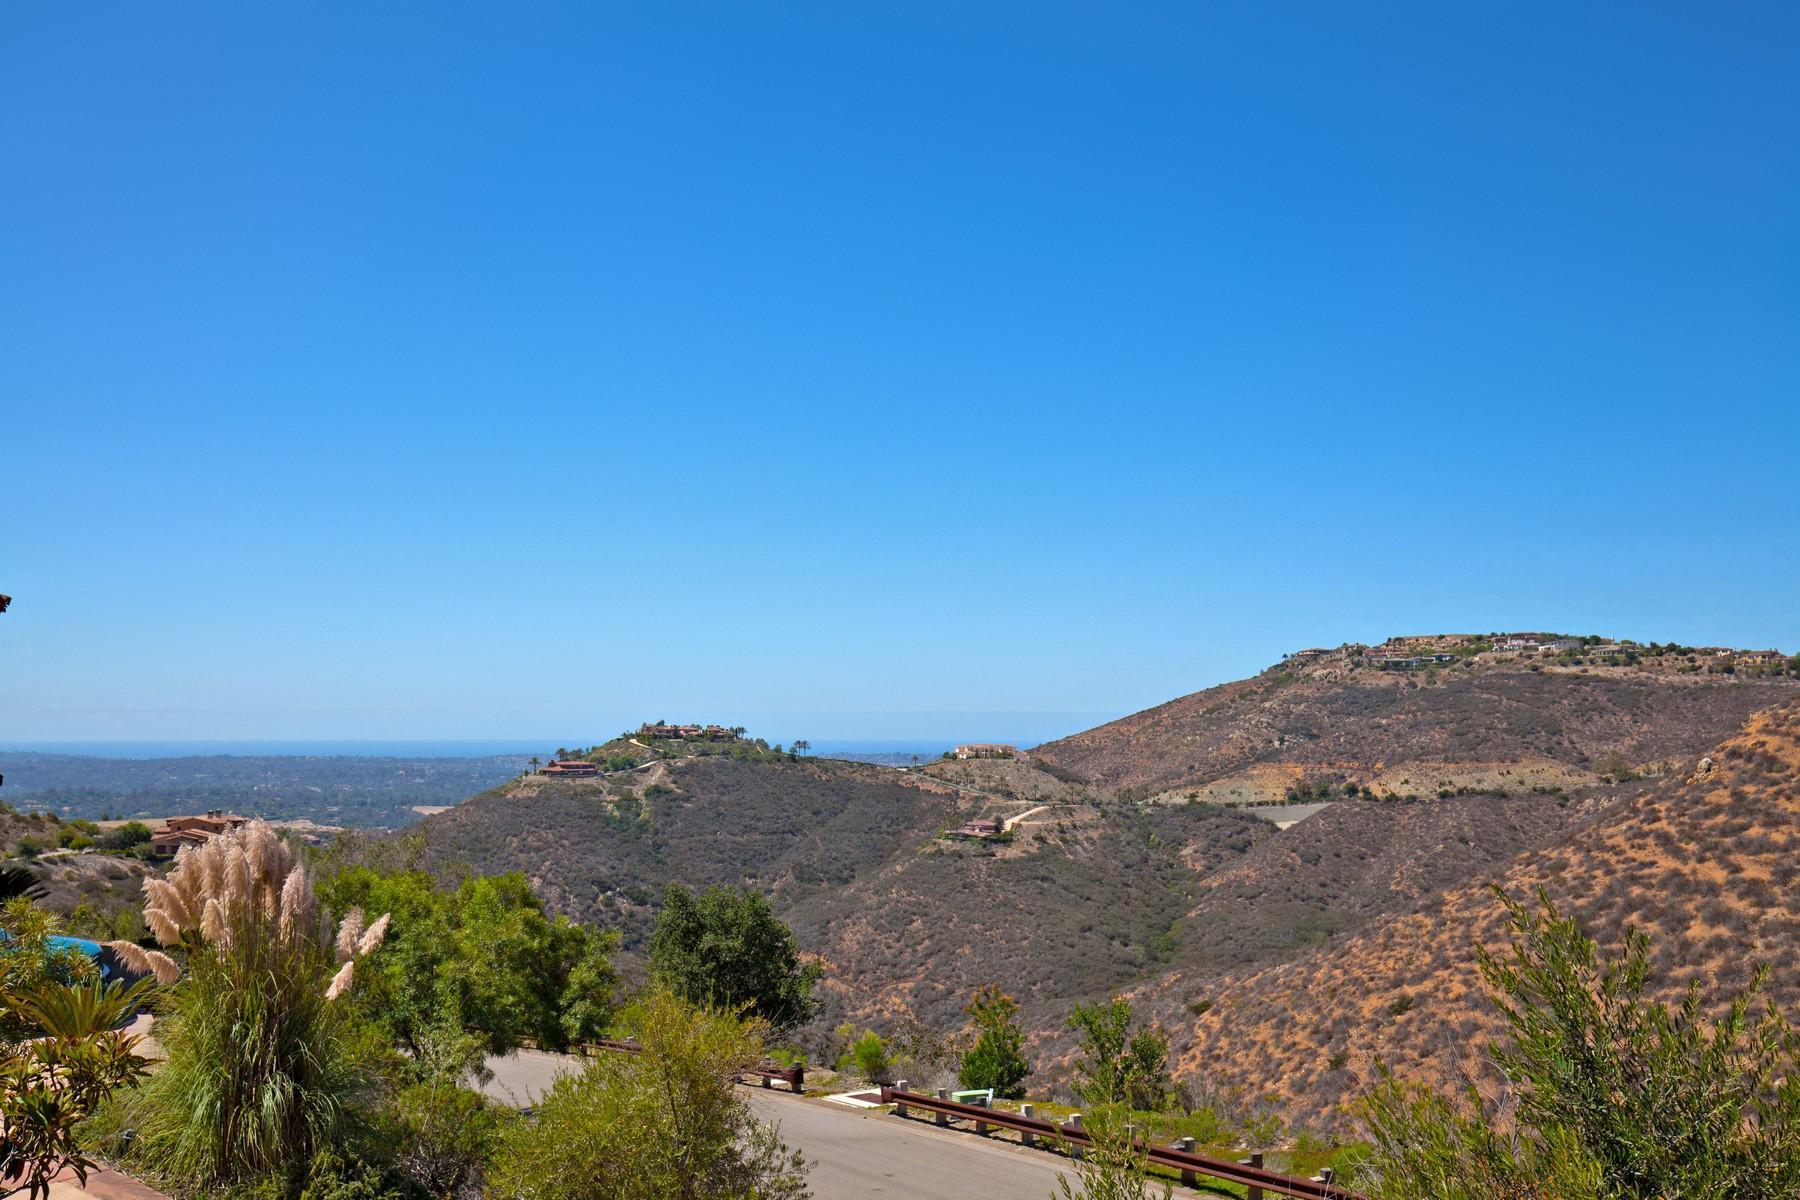 토지 용 매매 에 El Brazo lot 87 Rancho Santa Fe, 캘리포니아, 92067 미국